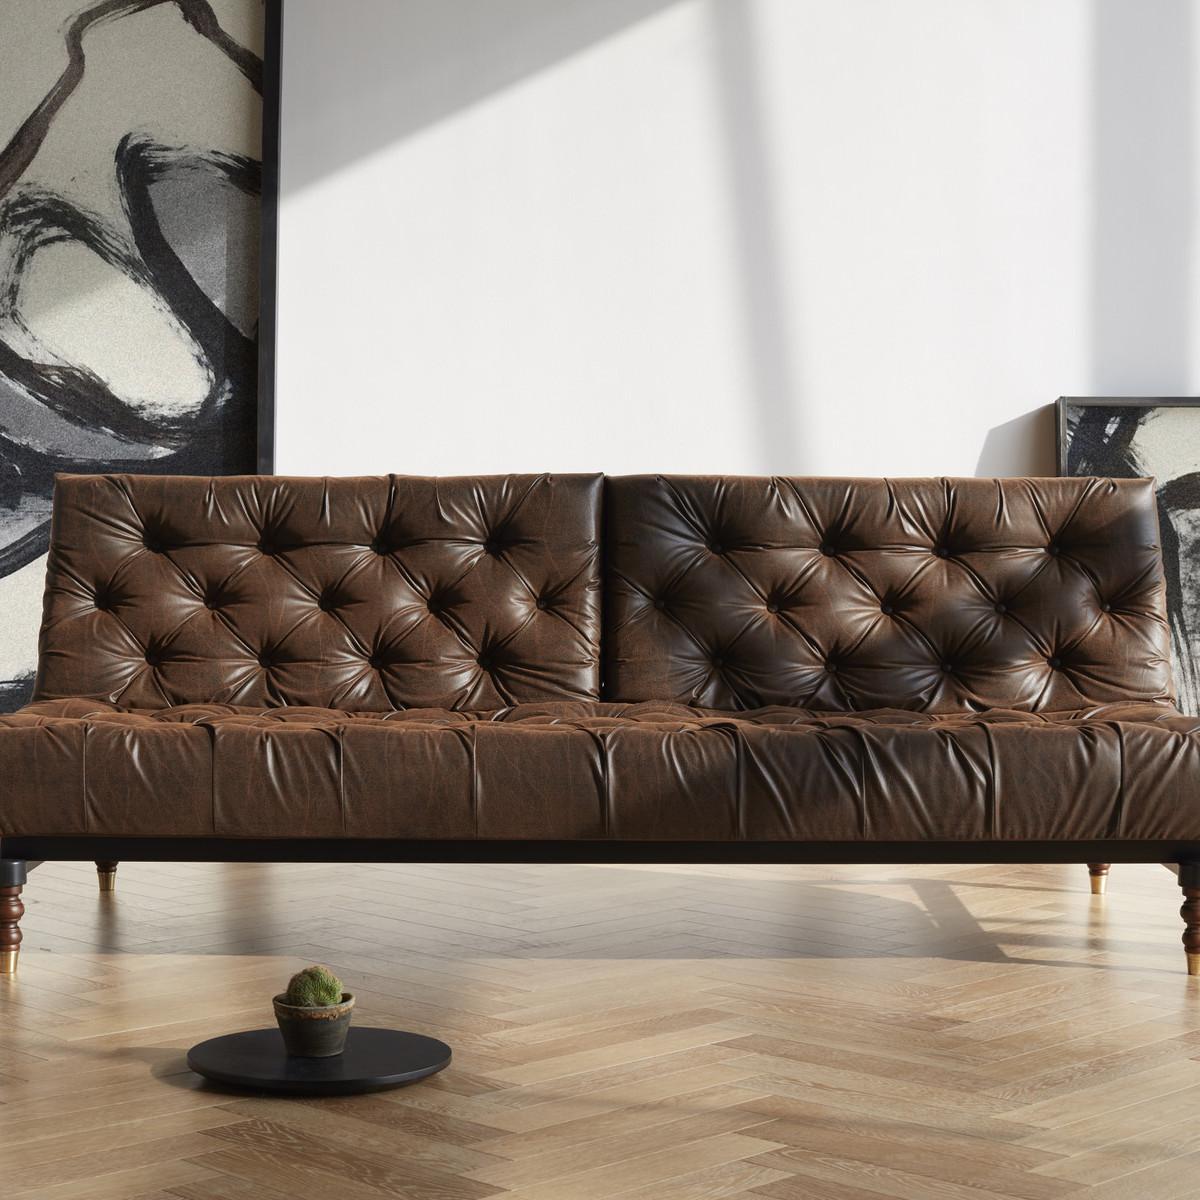 Mooie Moderne Slaapbank.Leren Slaapbanken Bij Furnea Een Luxe Bank Plus Comfortabel Bed